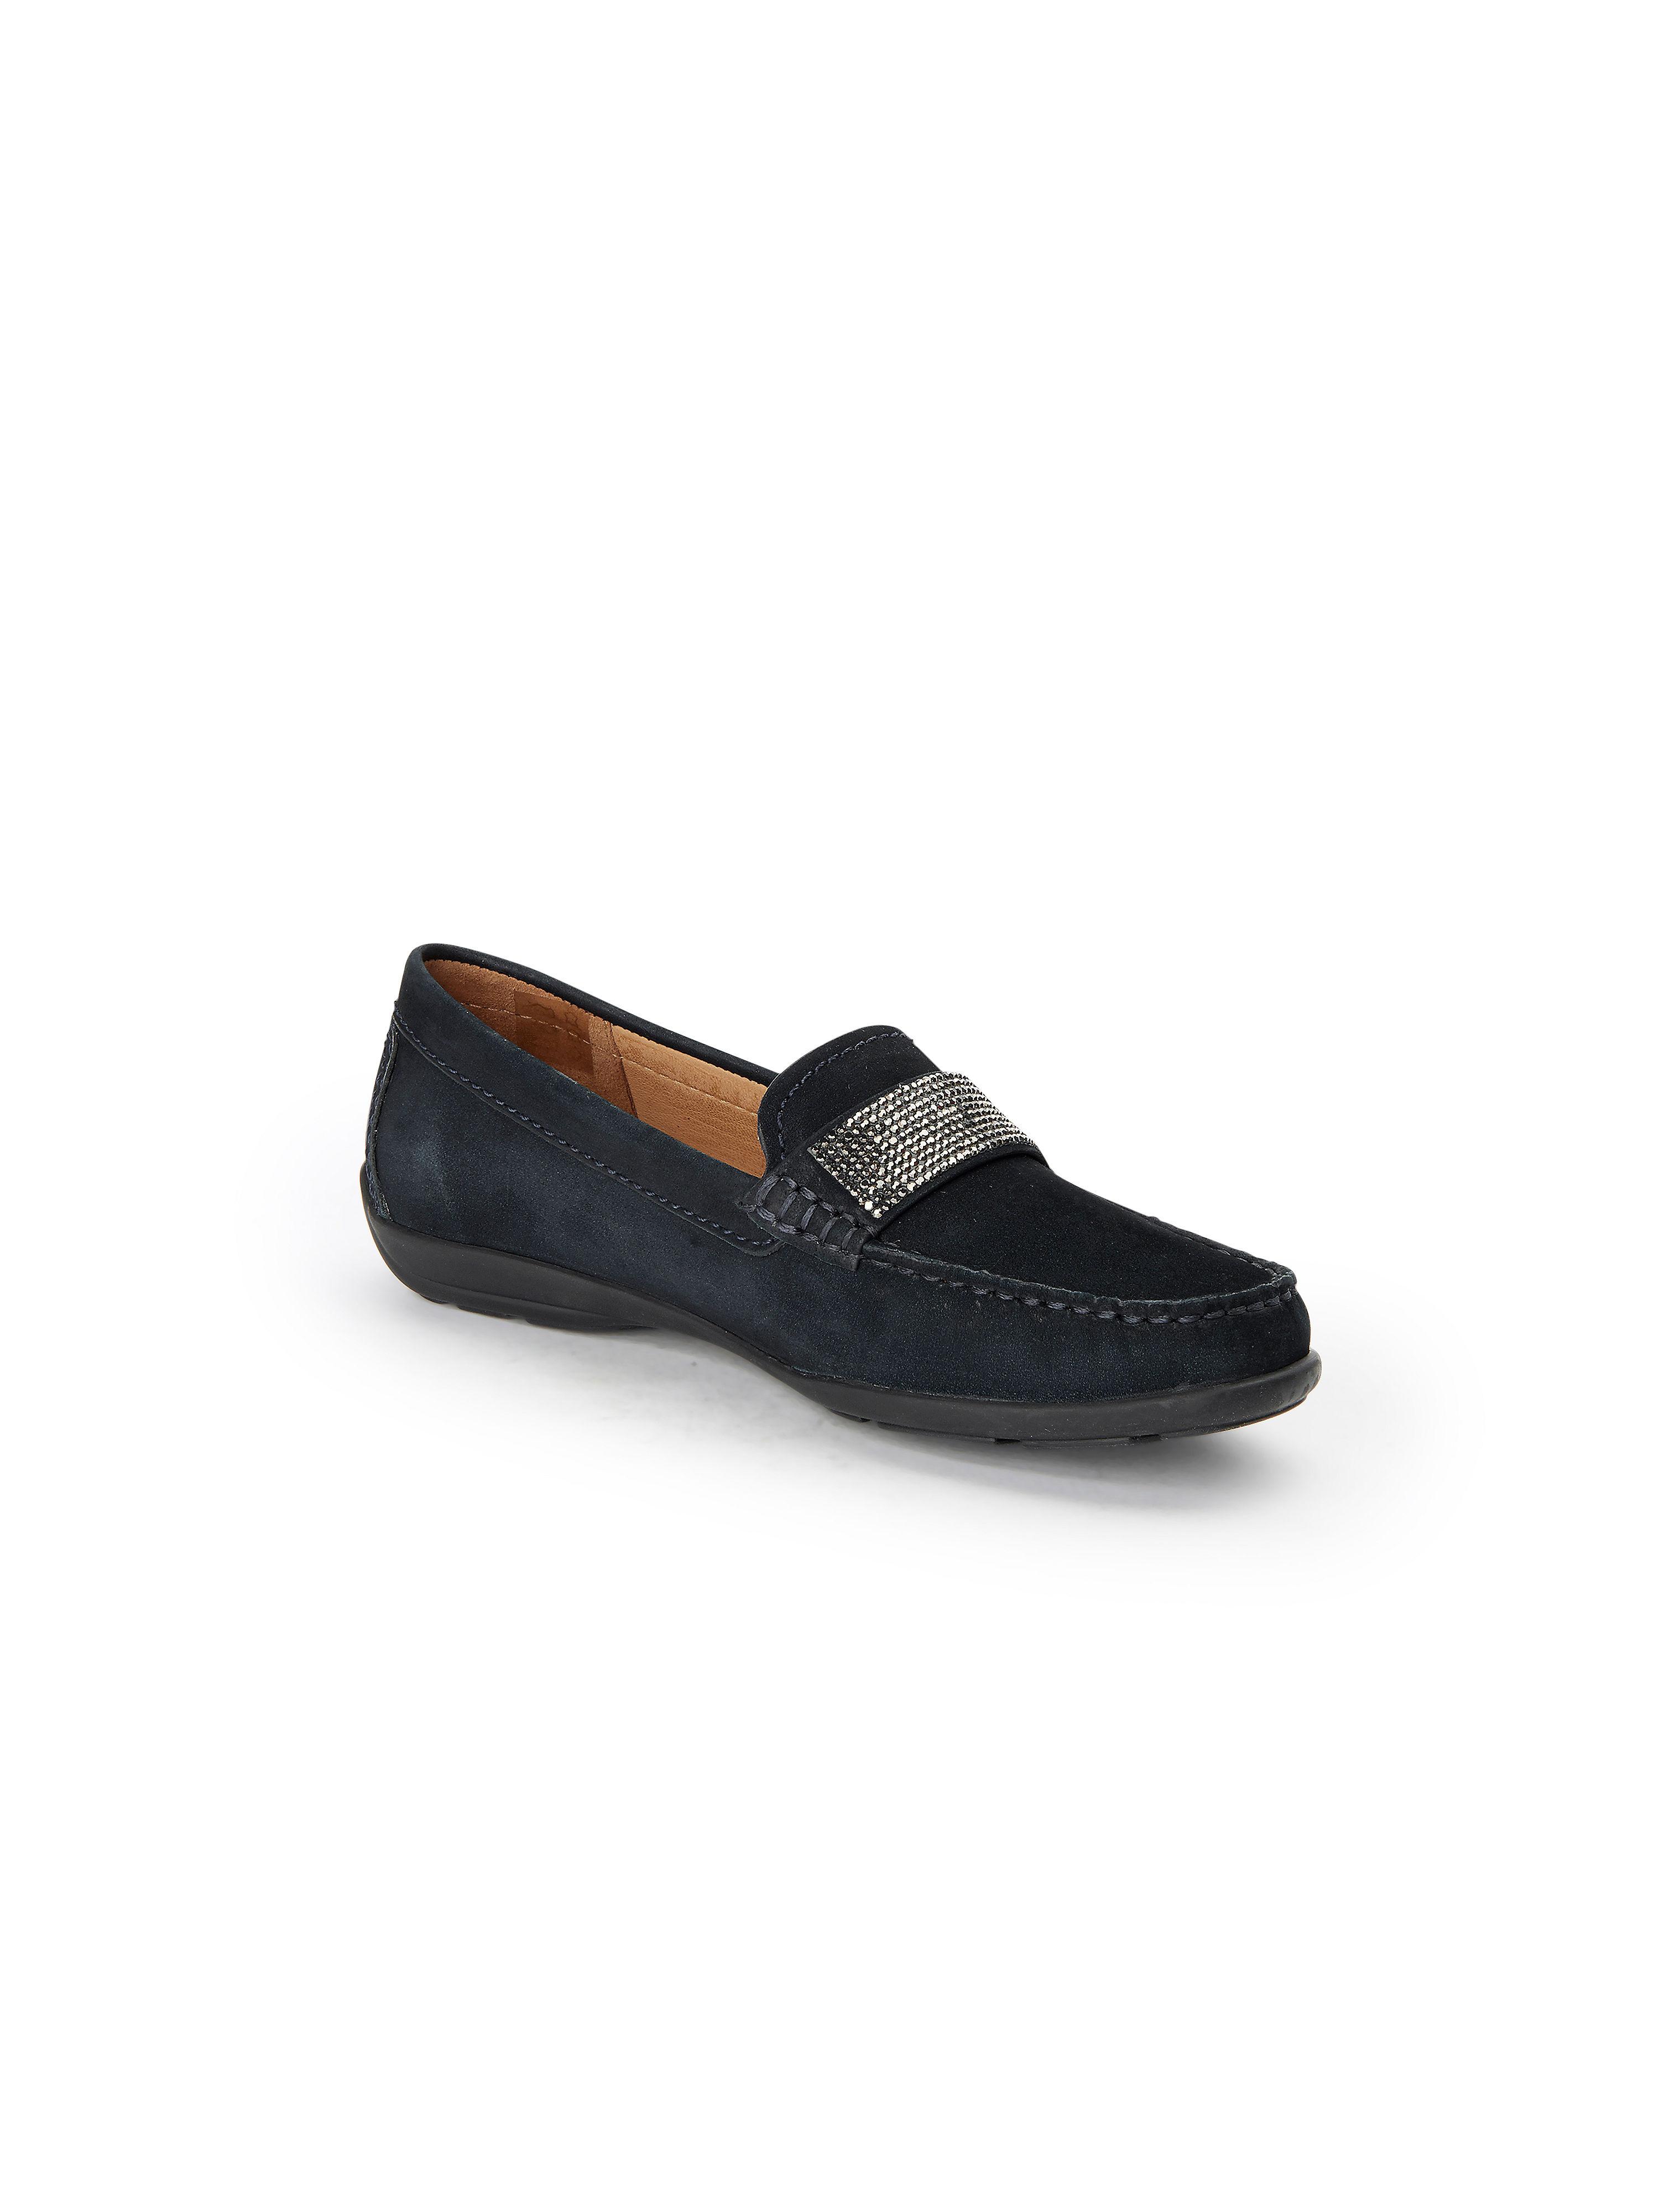 Wirth - Sehr flexibler Mokassin aus 100% Leder - Marine Gute Qualität beliebte Schuhe